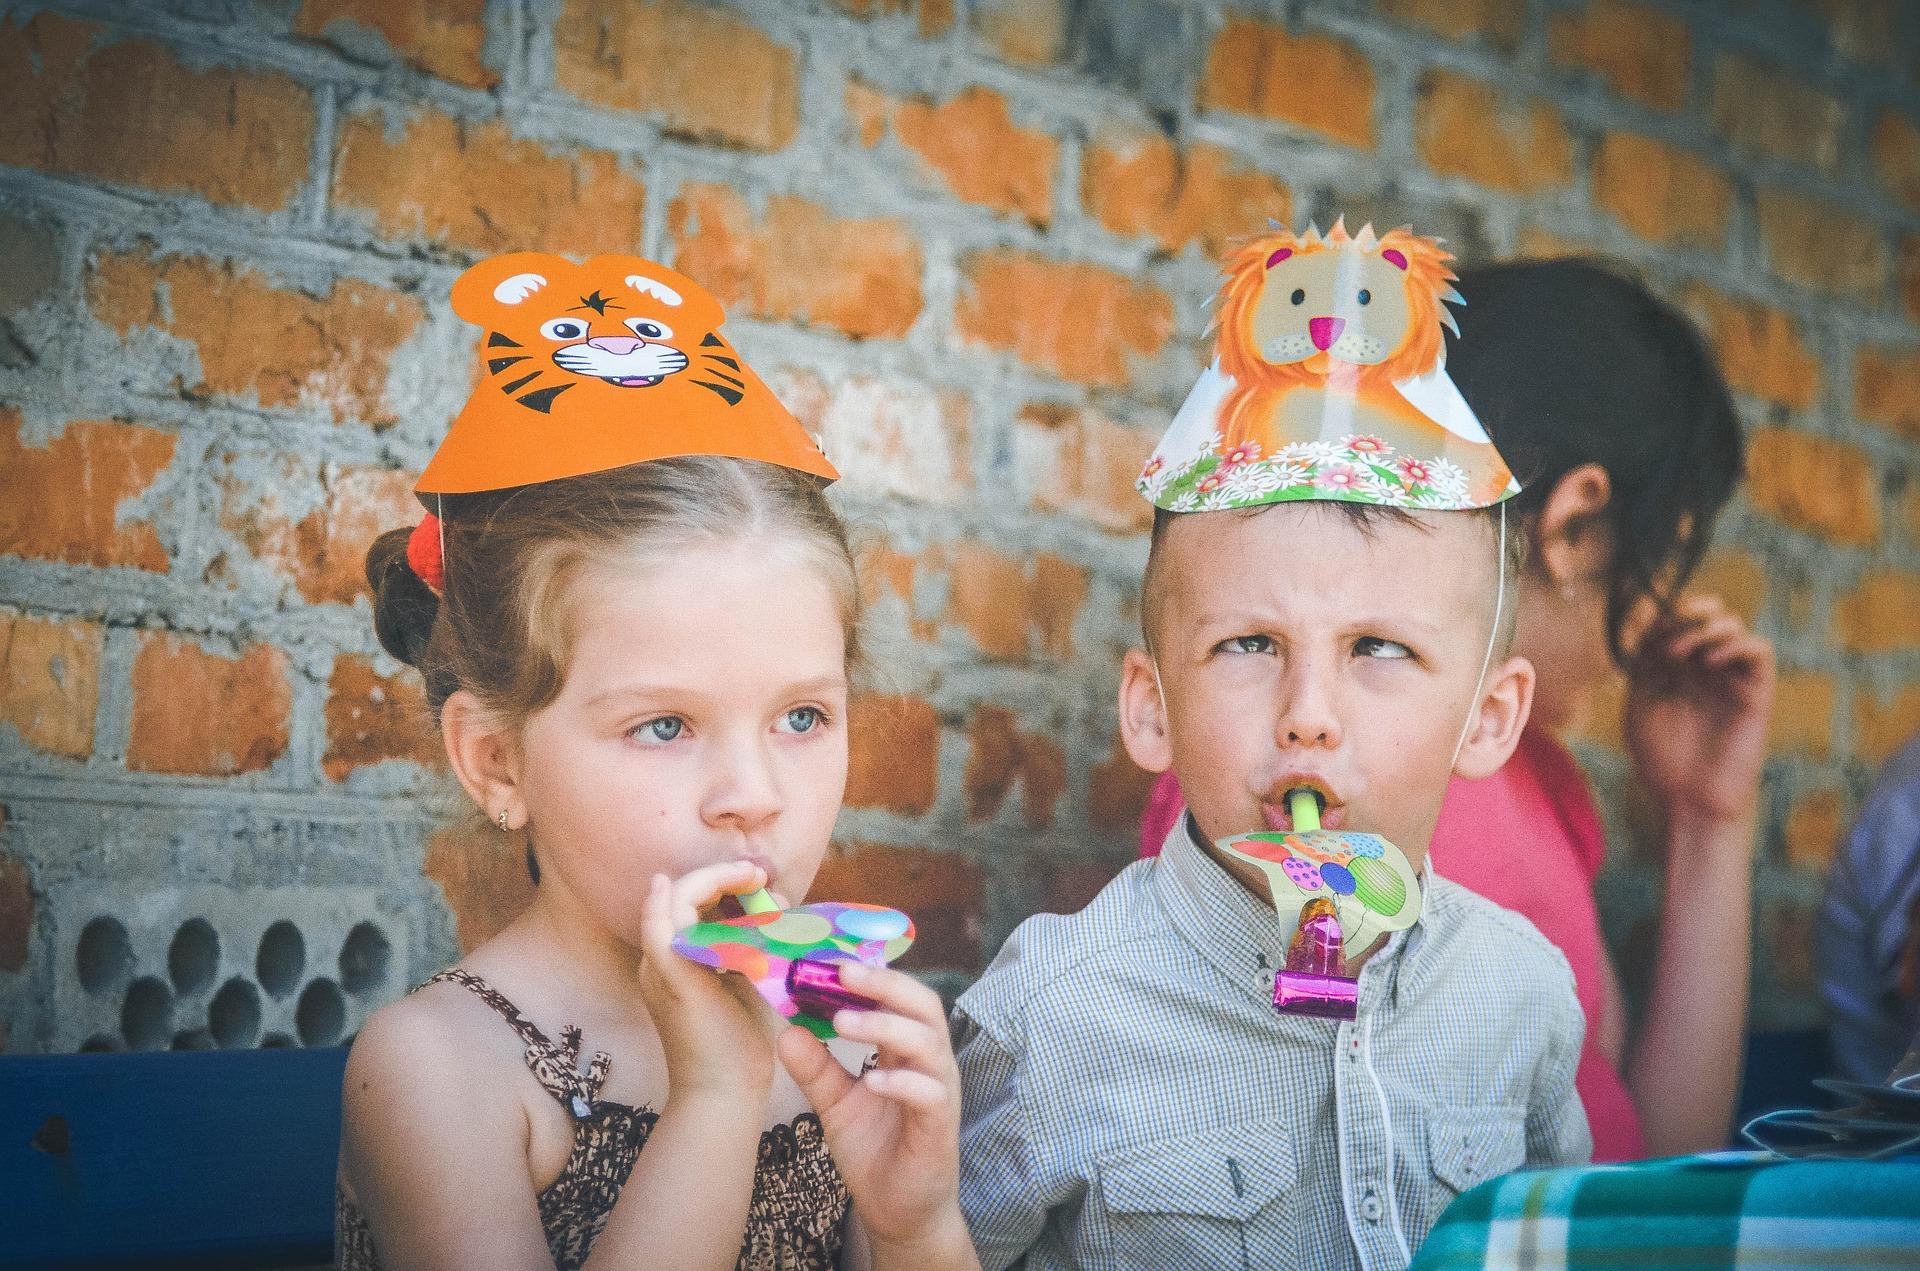 SET UP A KIDS CRAFT EVENT -